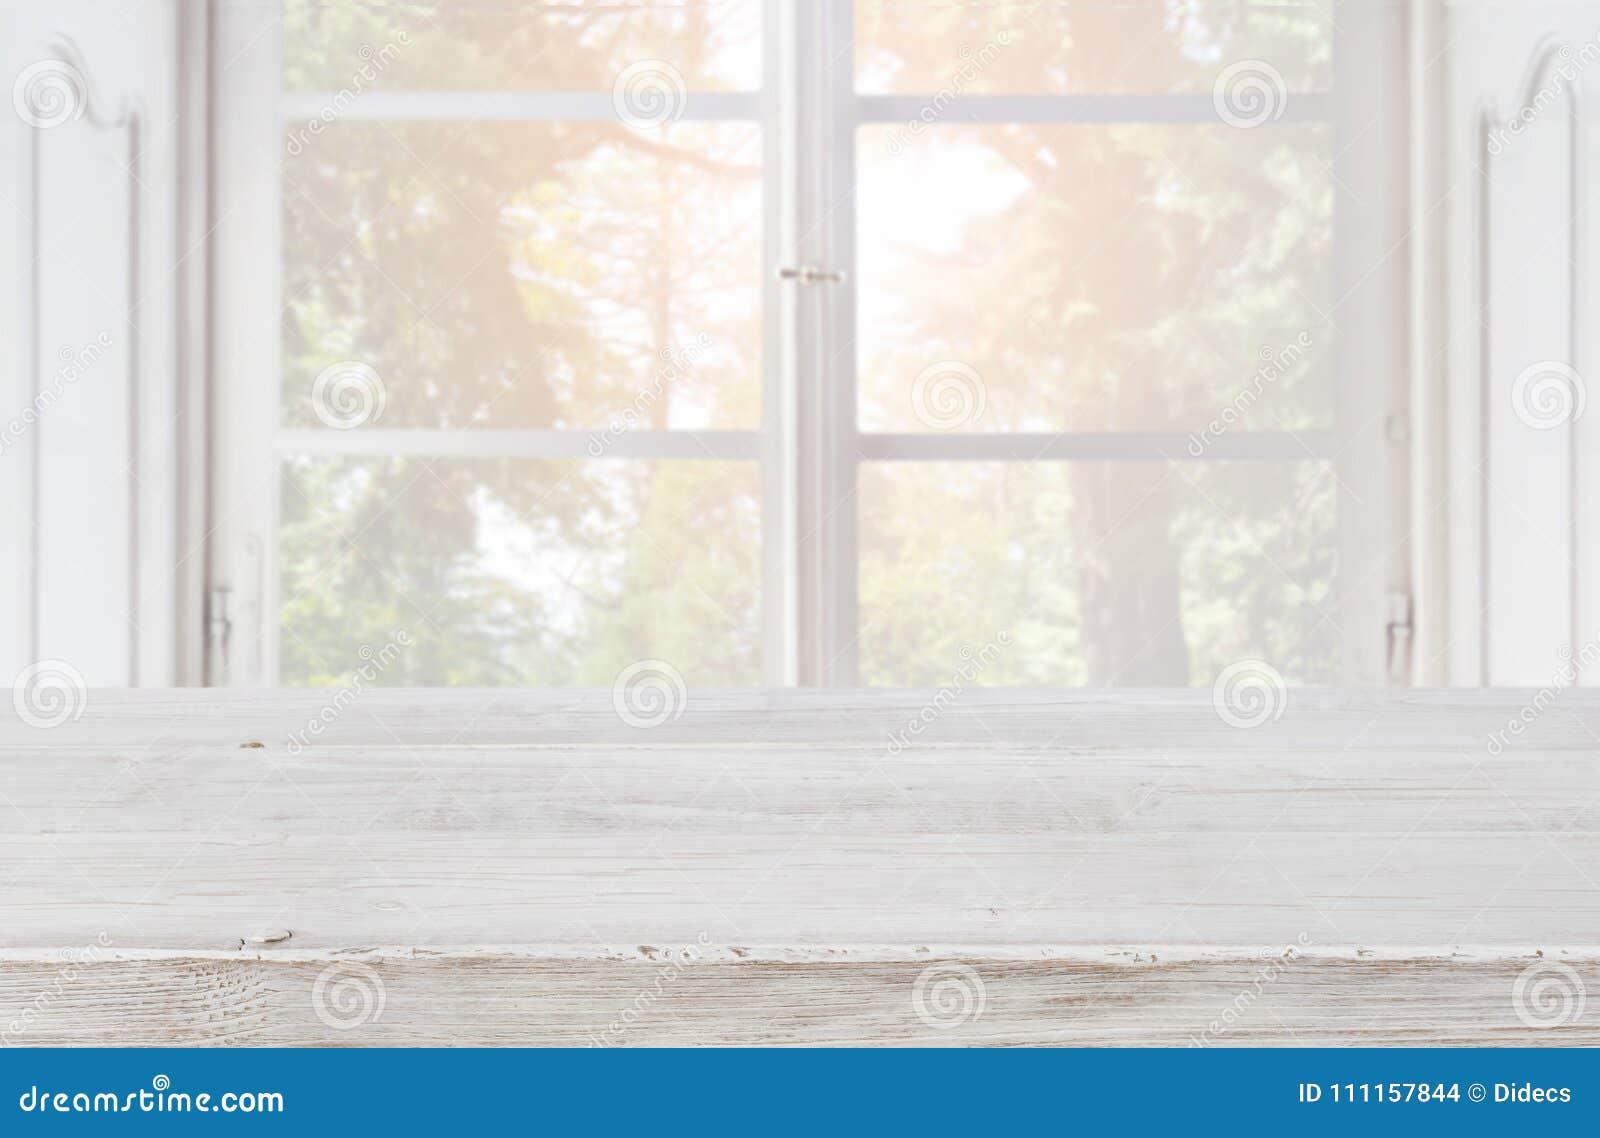 Tampo da mesa de madeira vazio no fundo borrado da janela do vintage